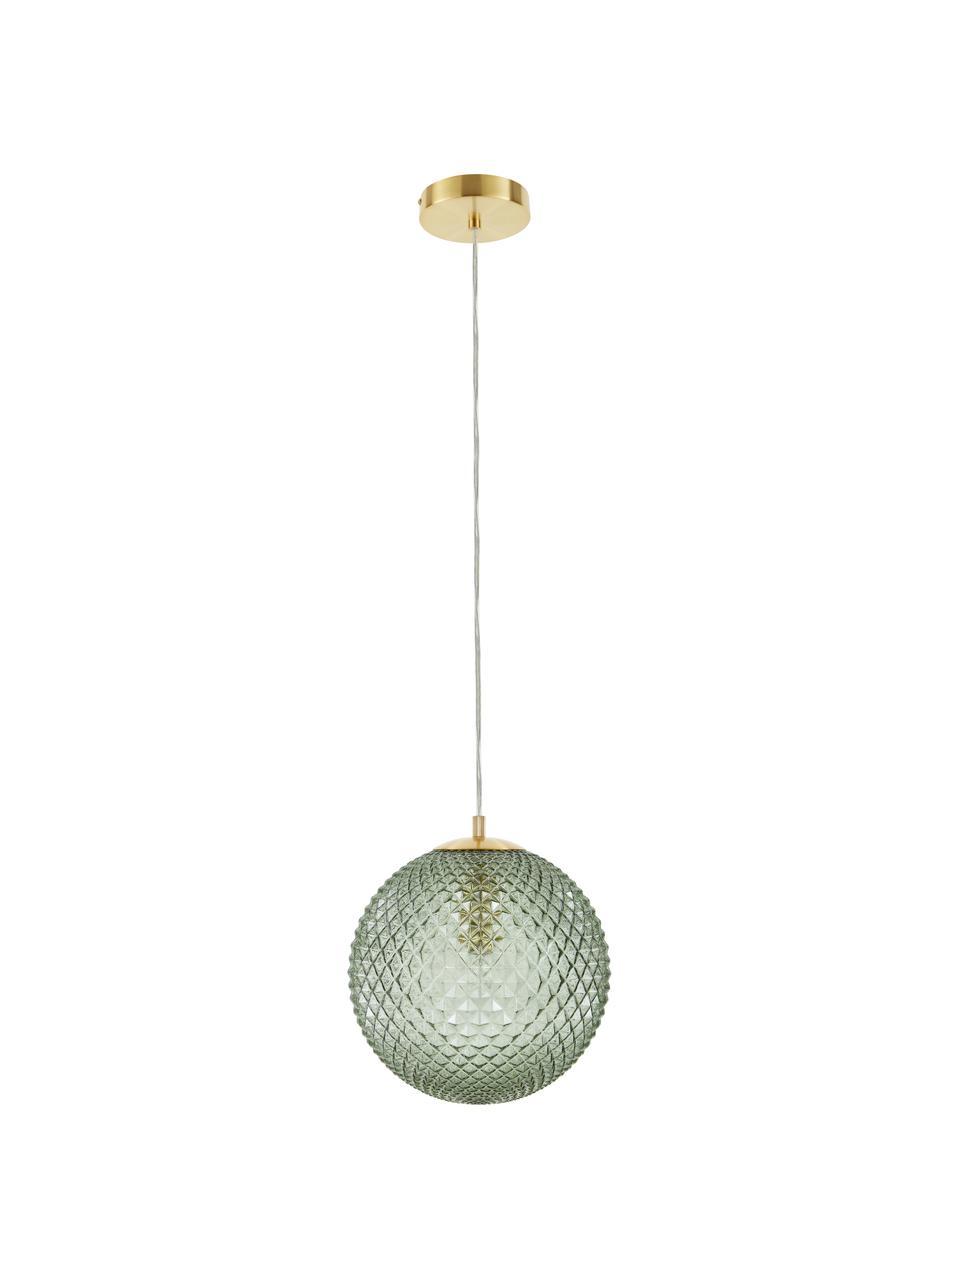 Kleine Pendelleuchte Lorna aus Glas, Lampenschirm: Glas, Grün, Ø 25 cm